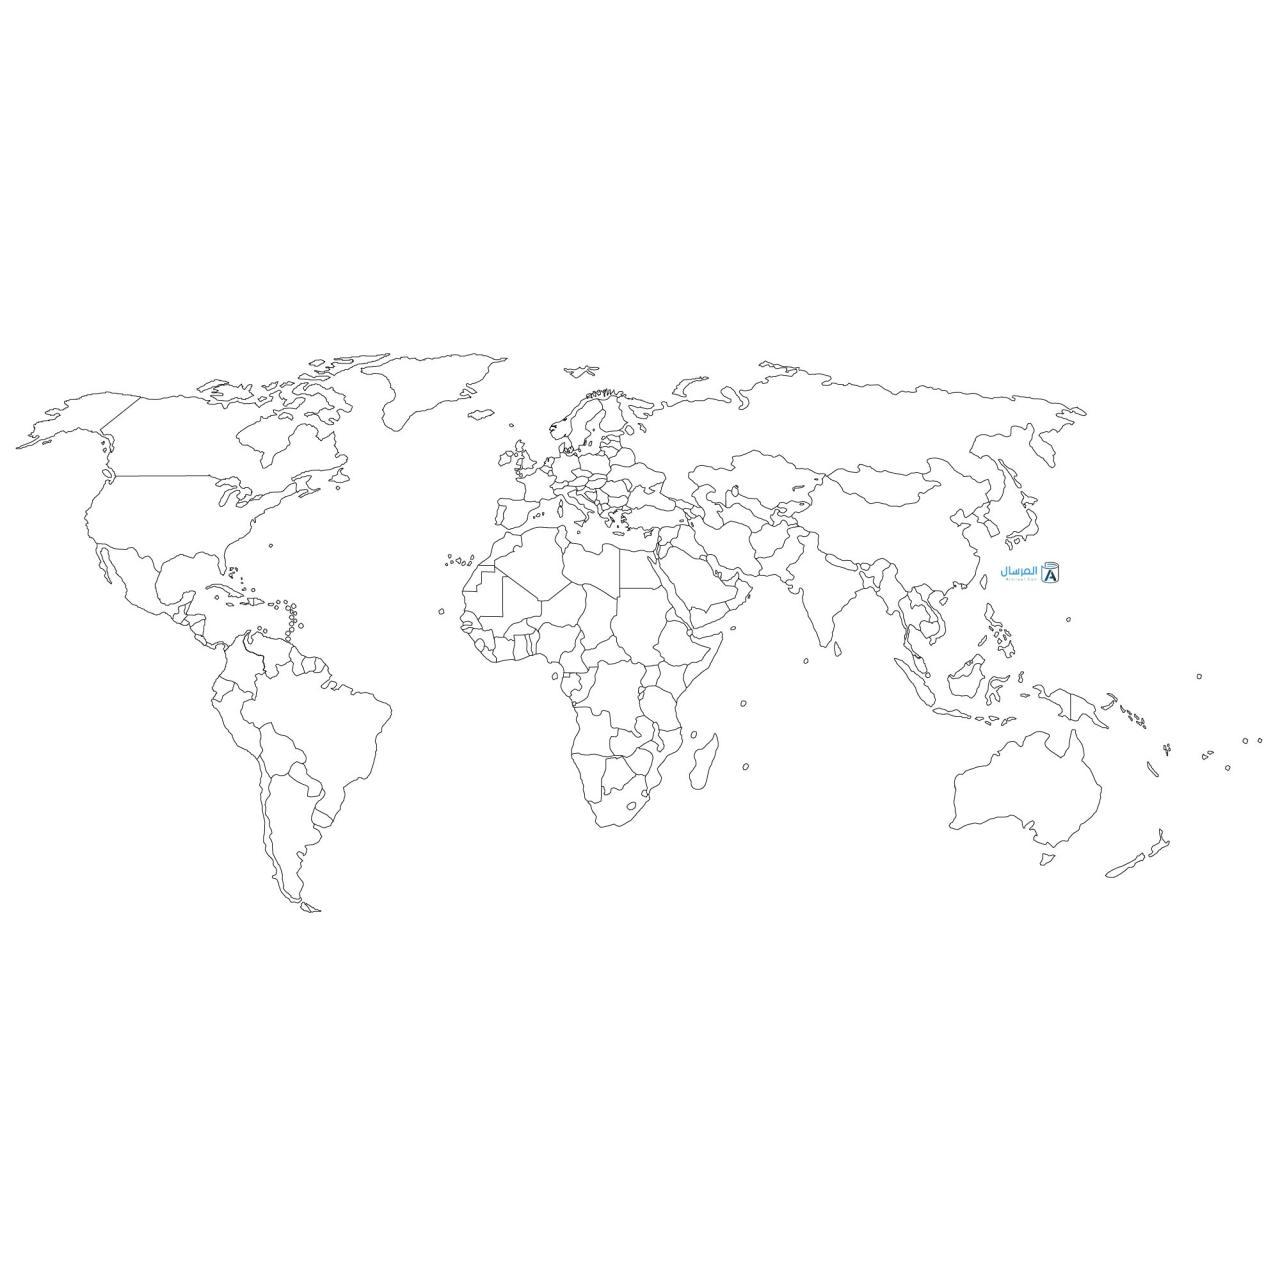 صورة خريطة العالم صماء 5680 3